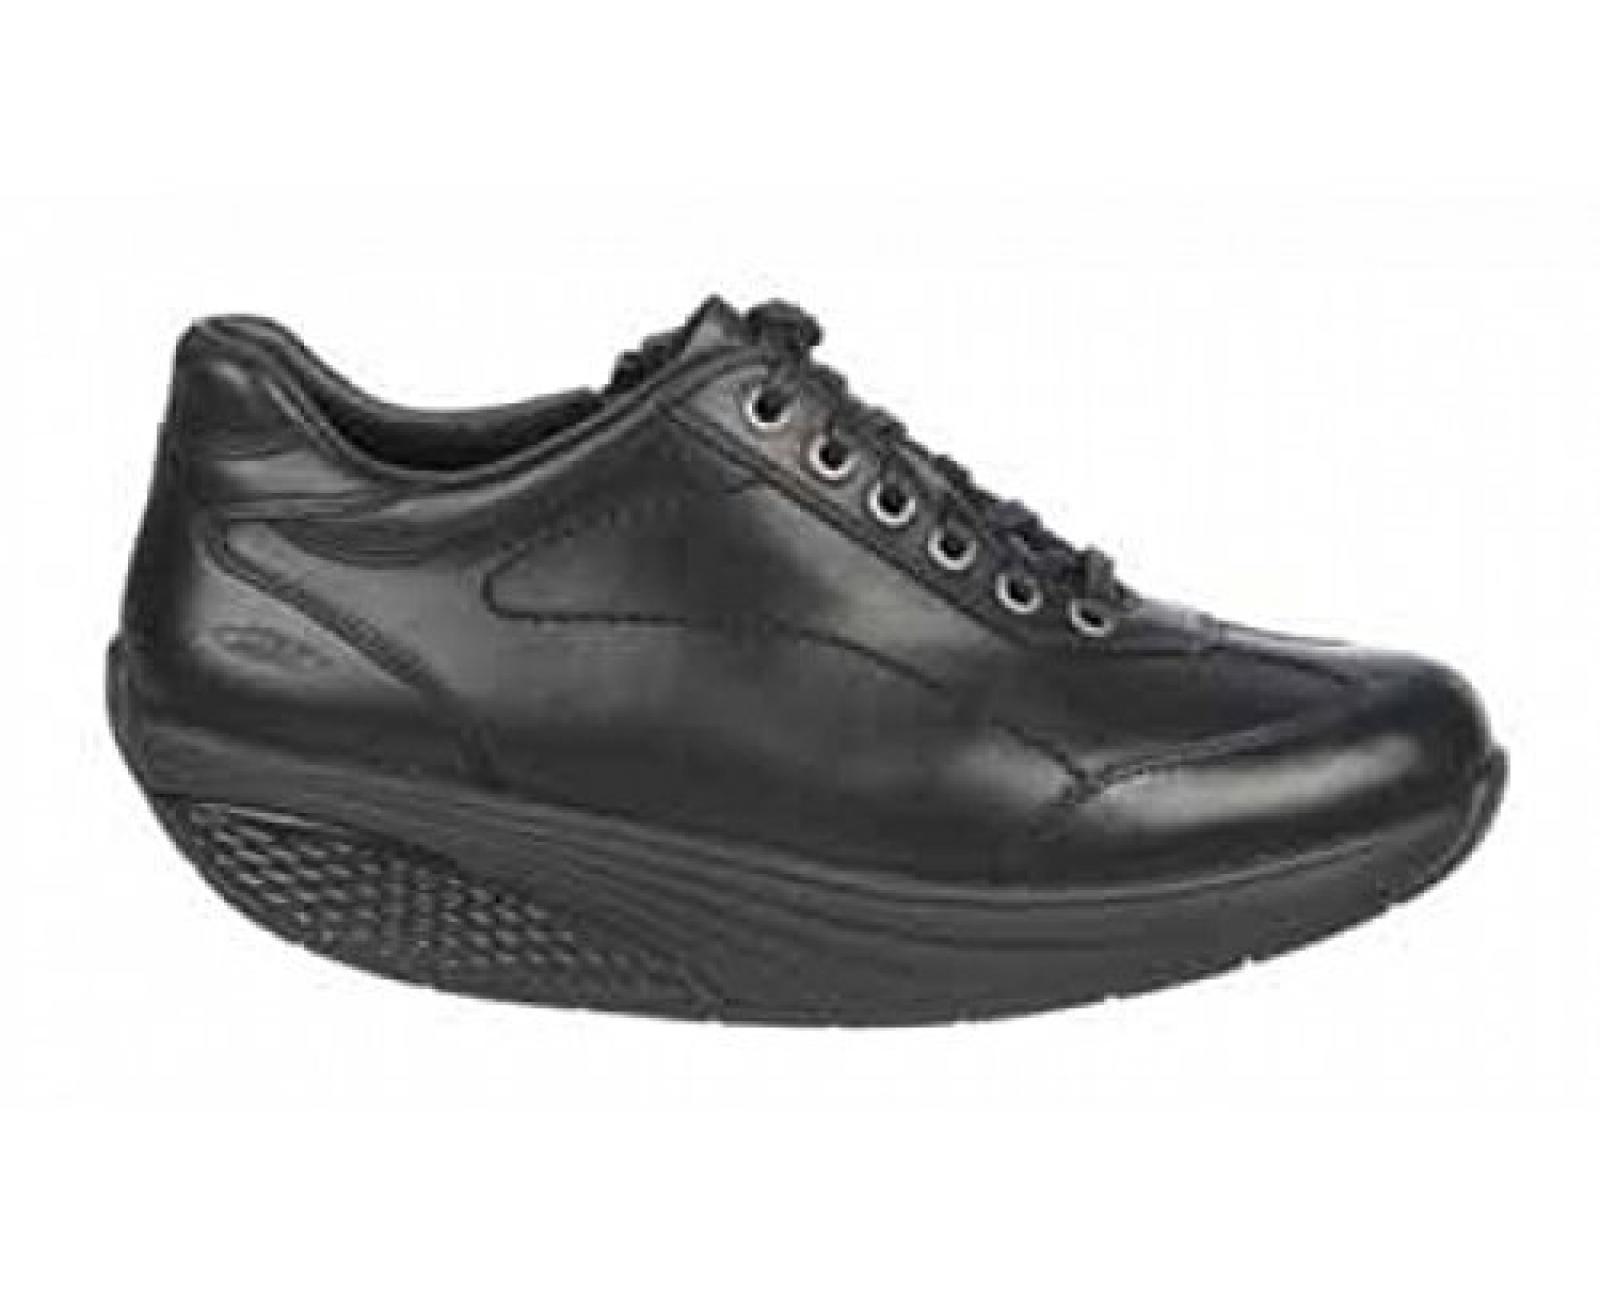 MBT Pata klassische Schuhe mit Reißverschluss Damen